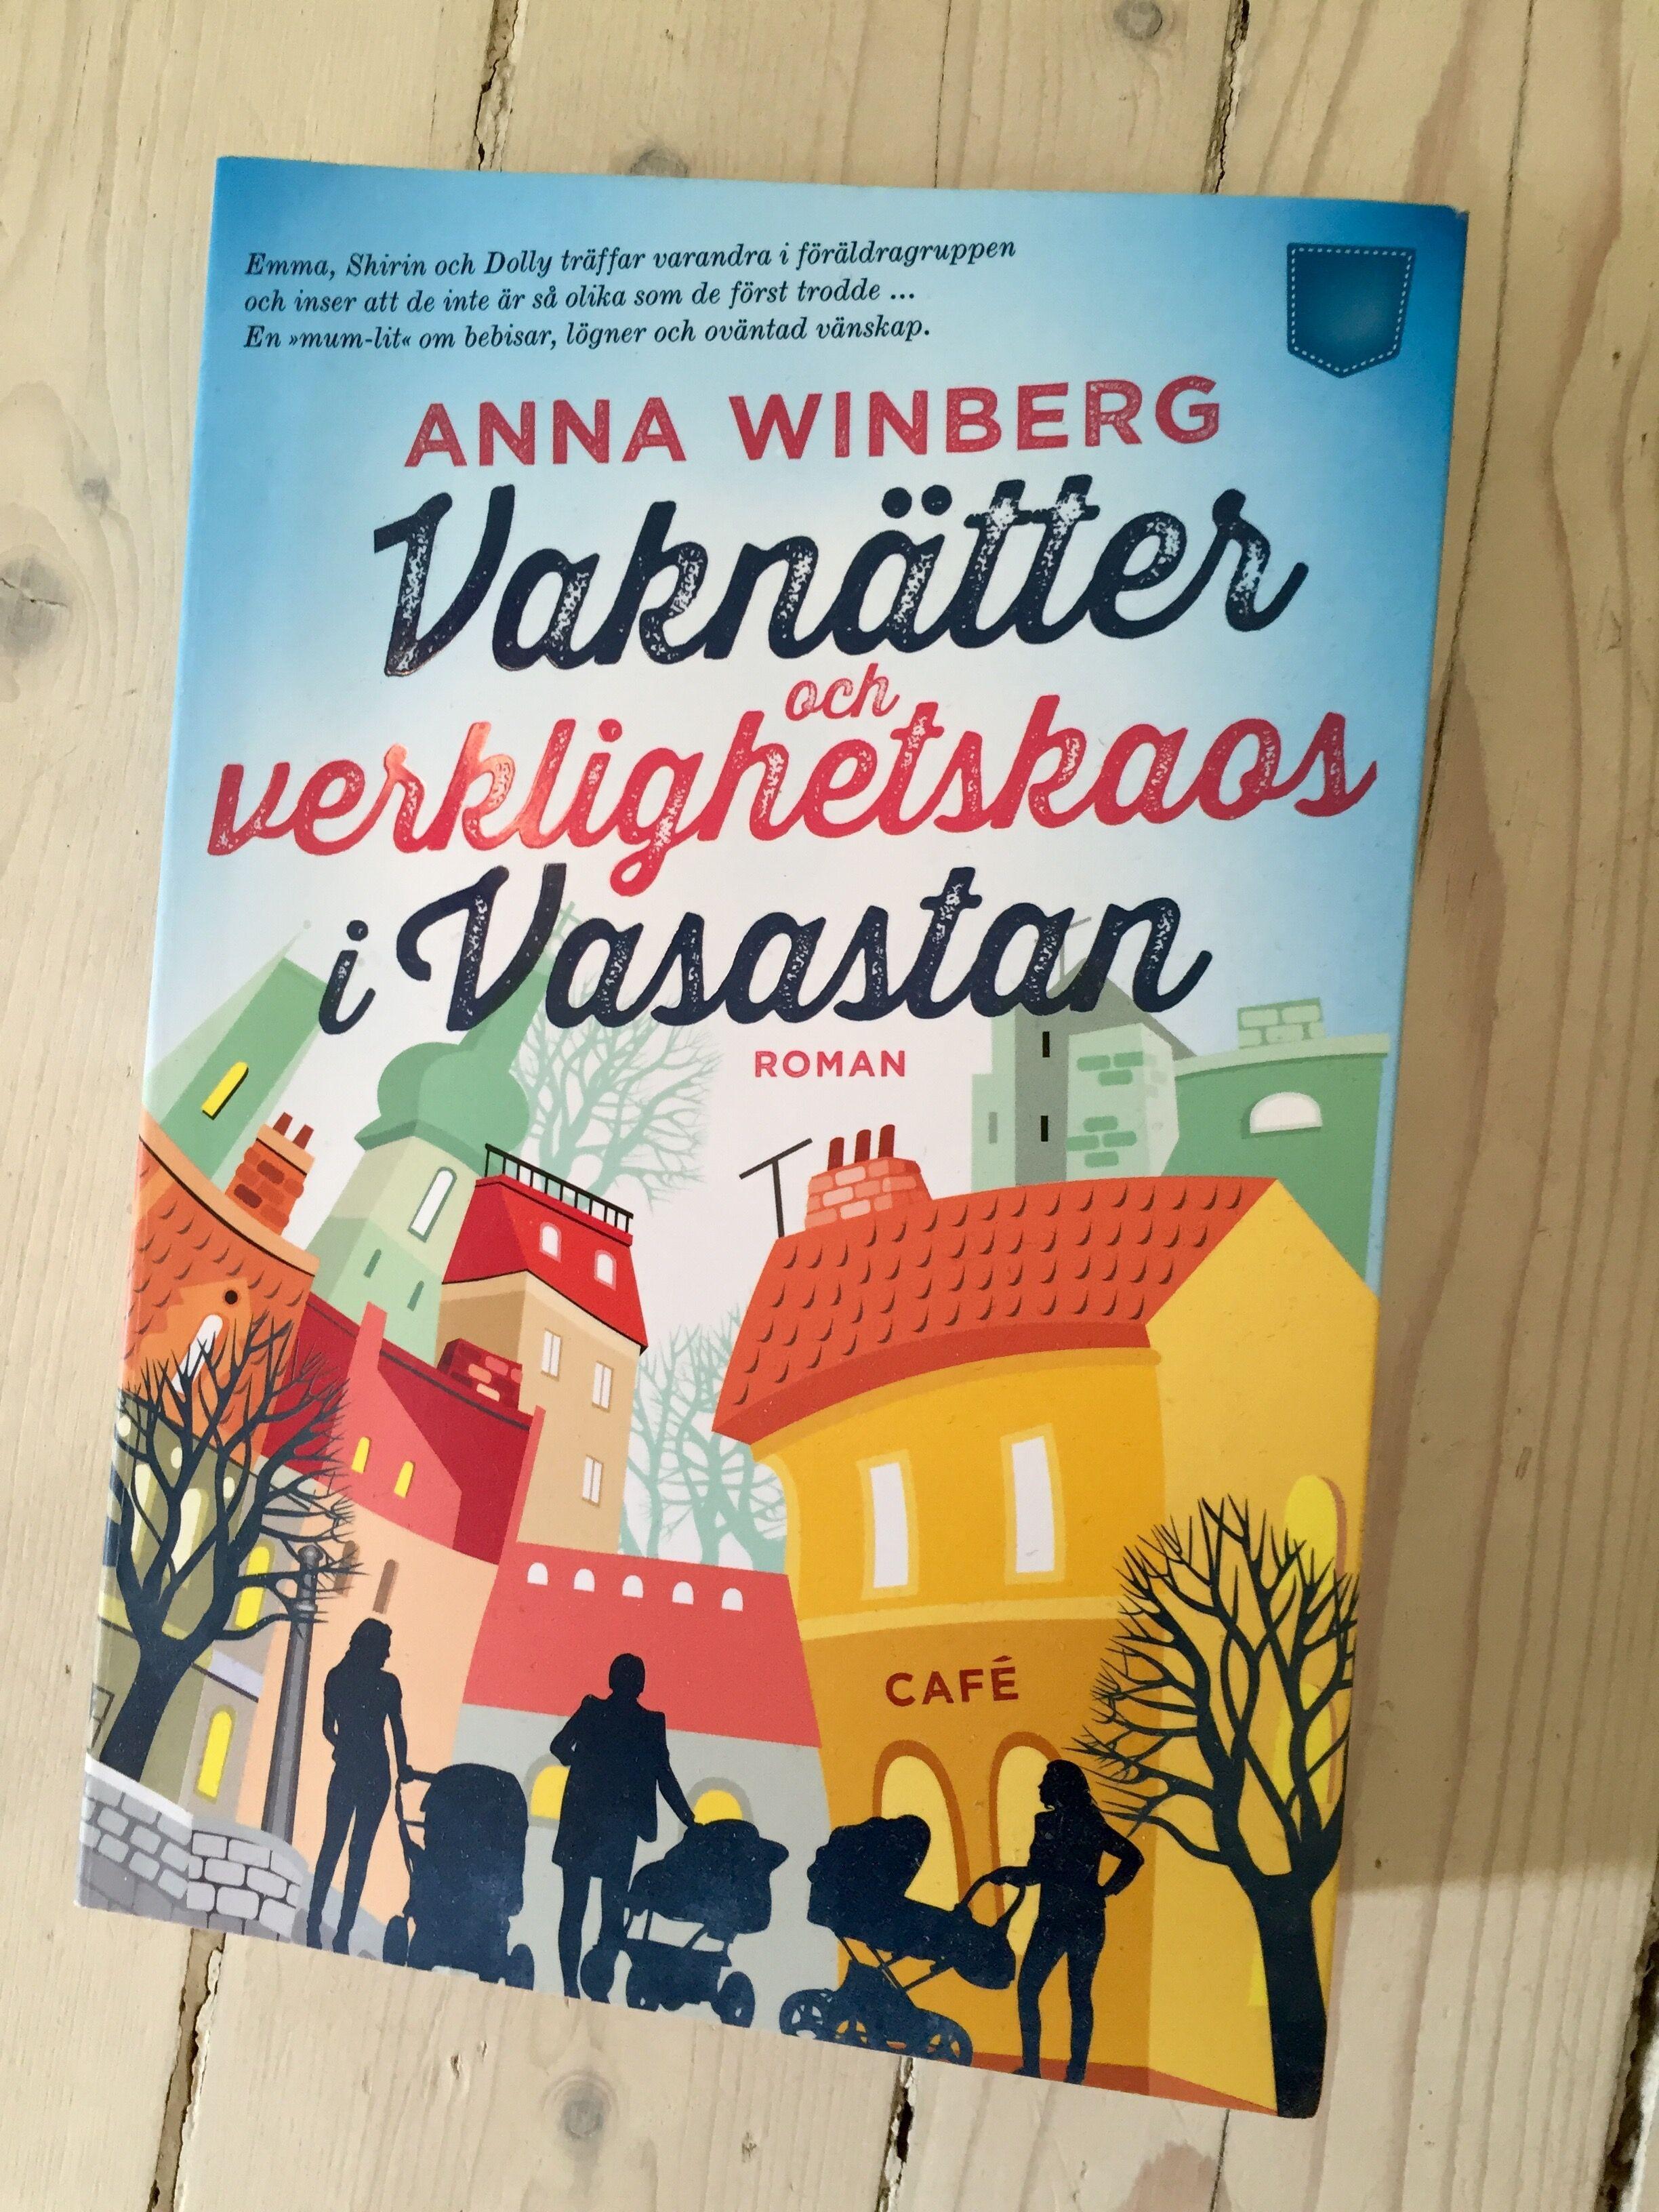 Det här är en riktigt skön och underhållande feelgood-roman av Anna Winberg.